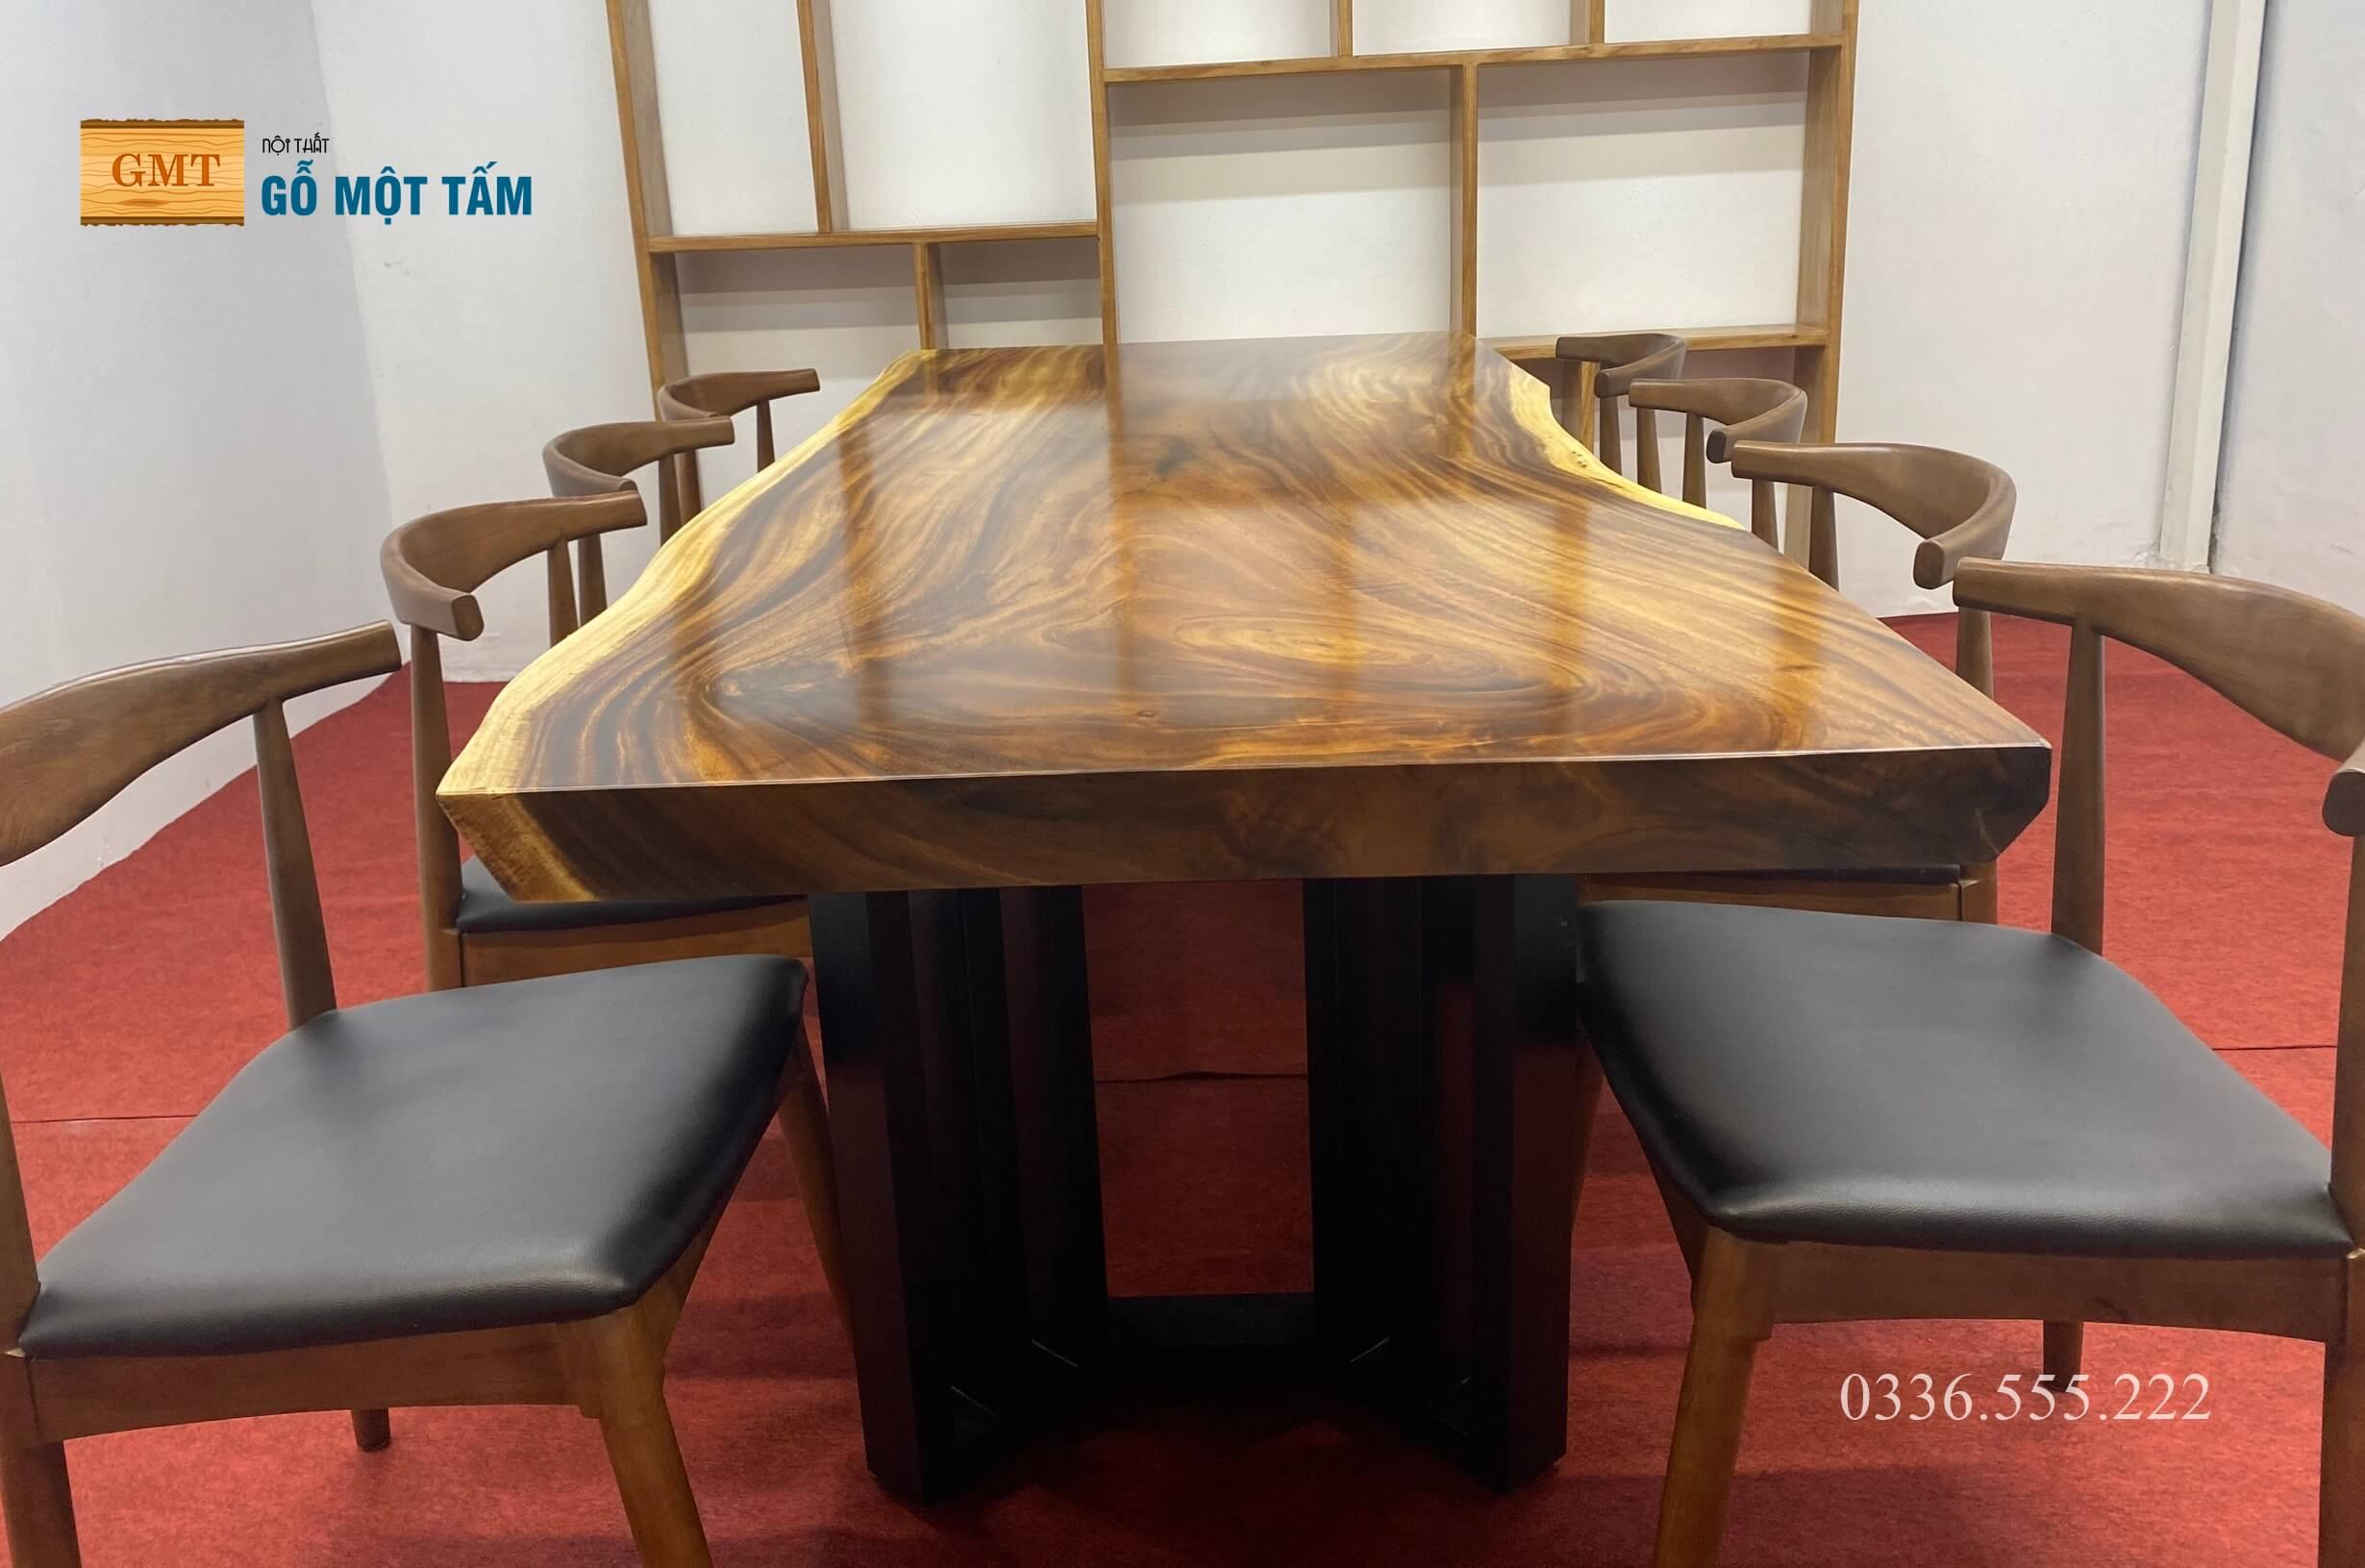 Mặt bàn gỗ me tây giá rẻ 2